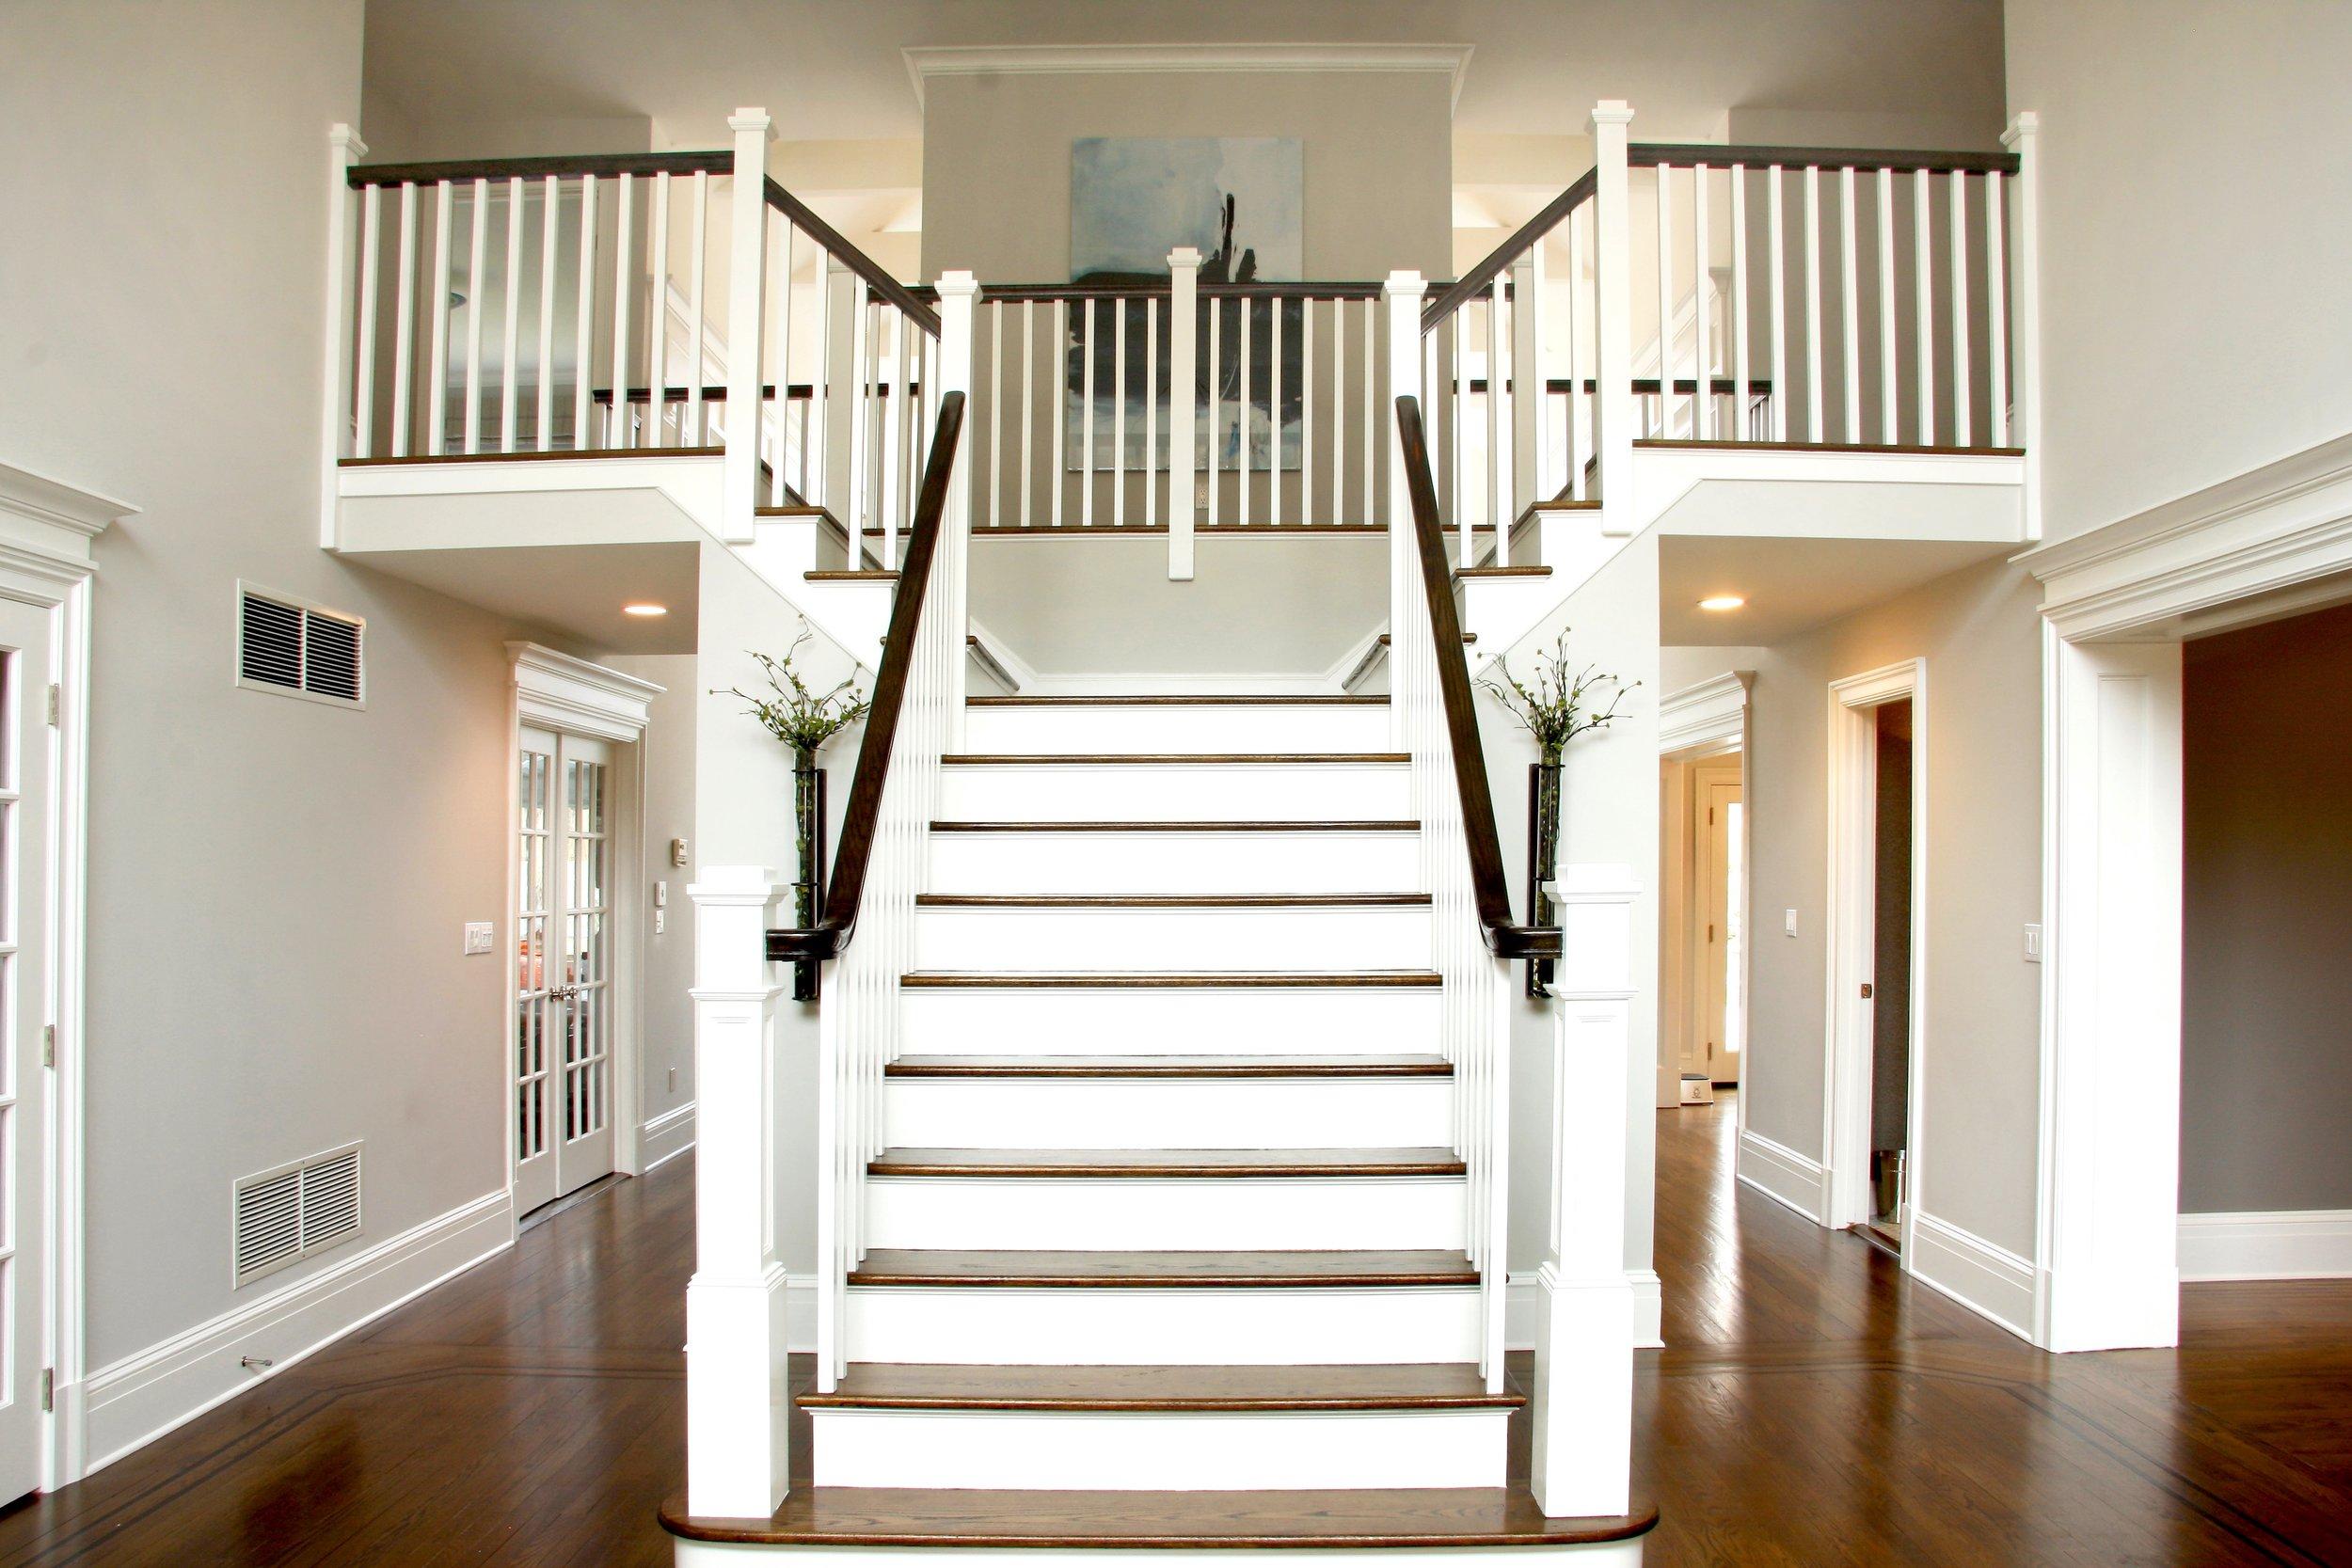 stair case-o.jpg